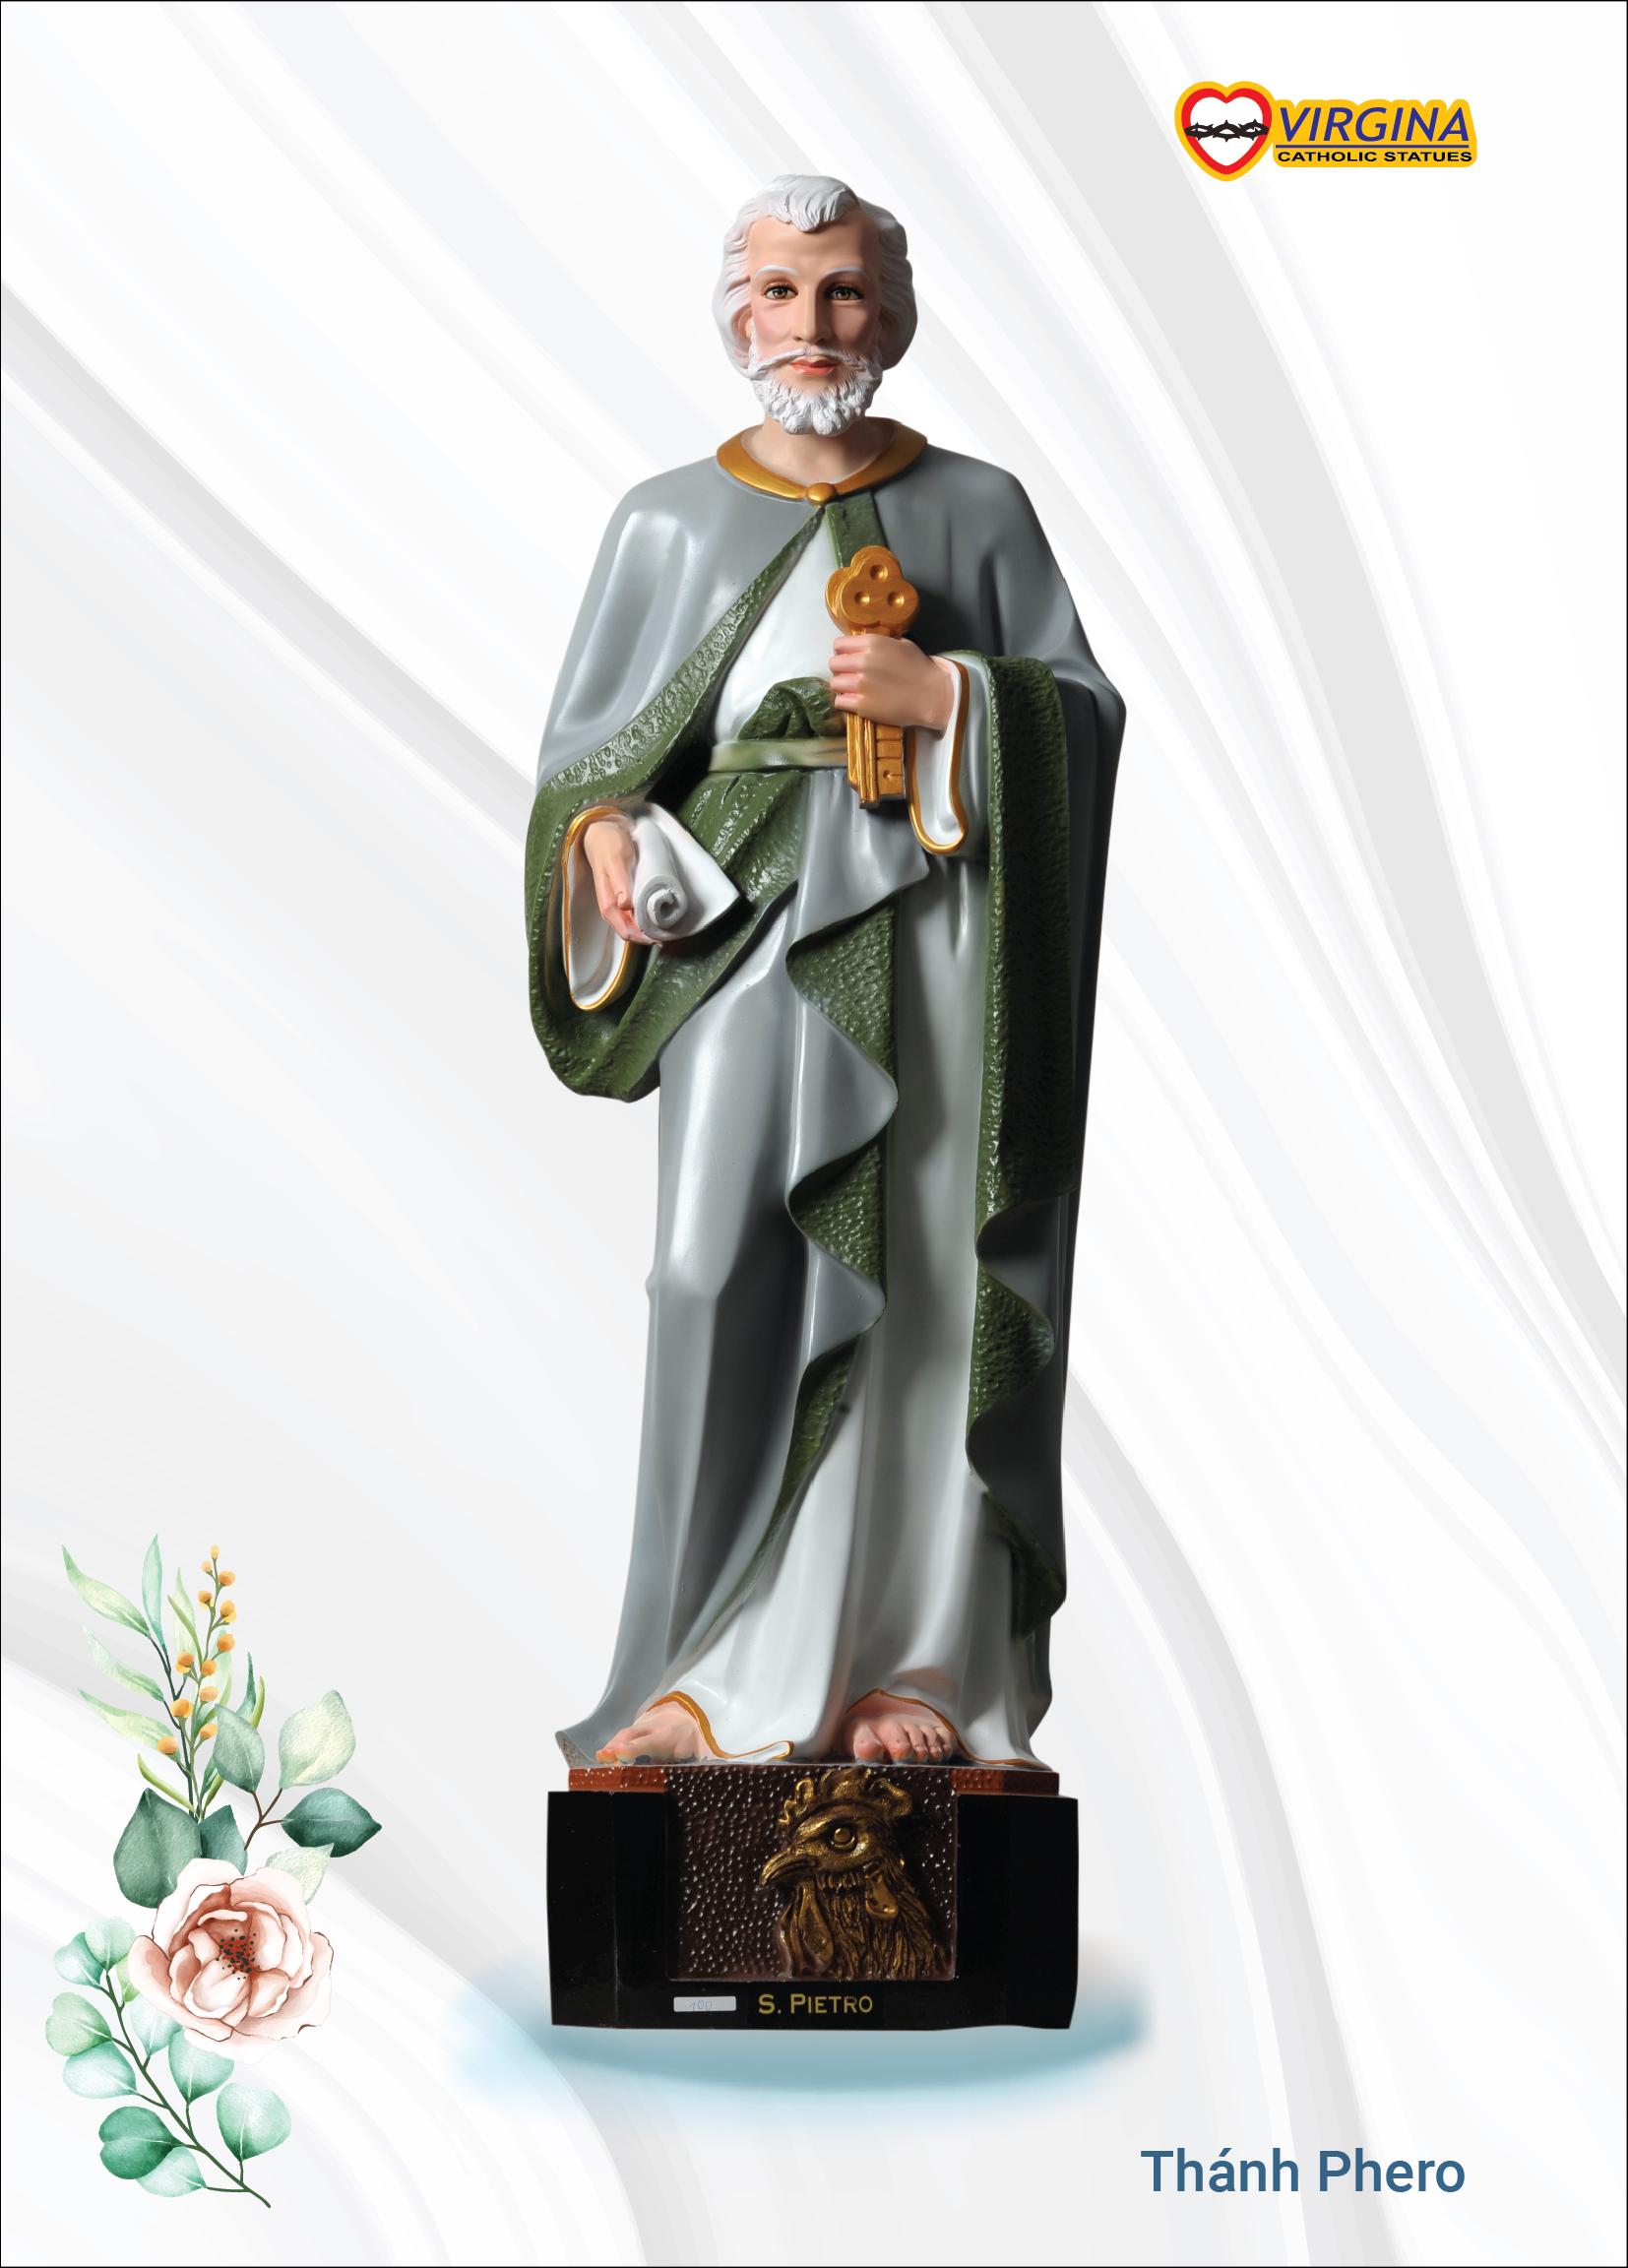 Thánh Phero